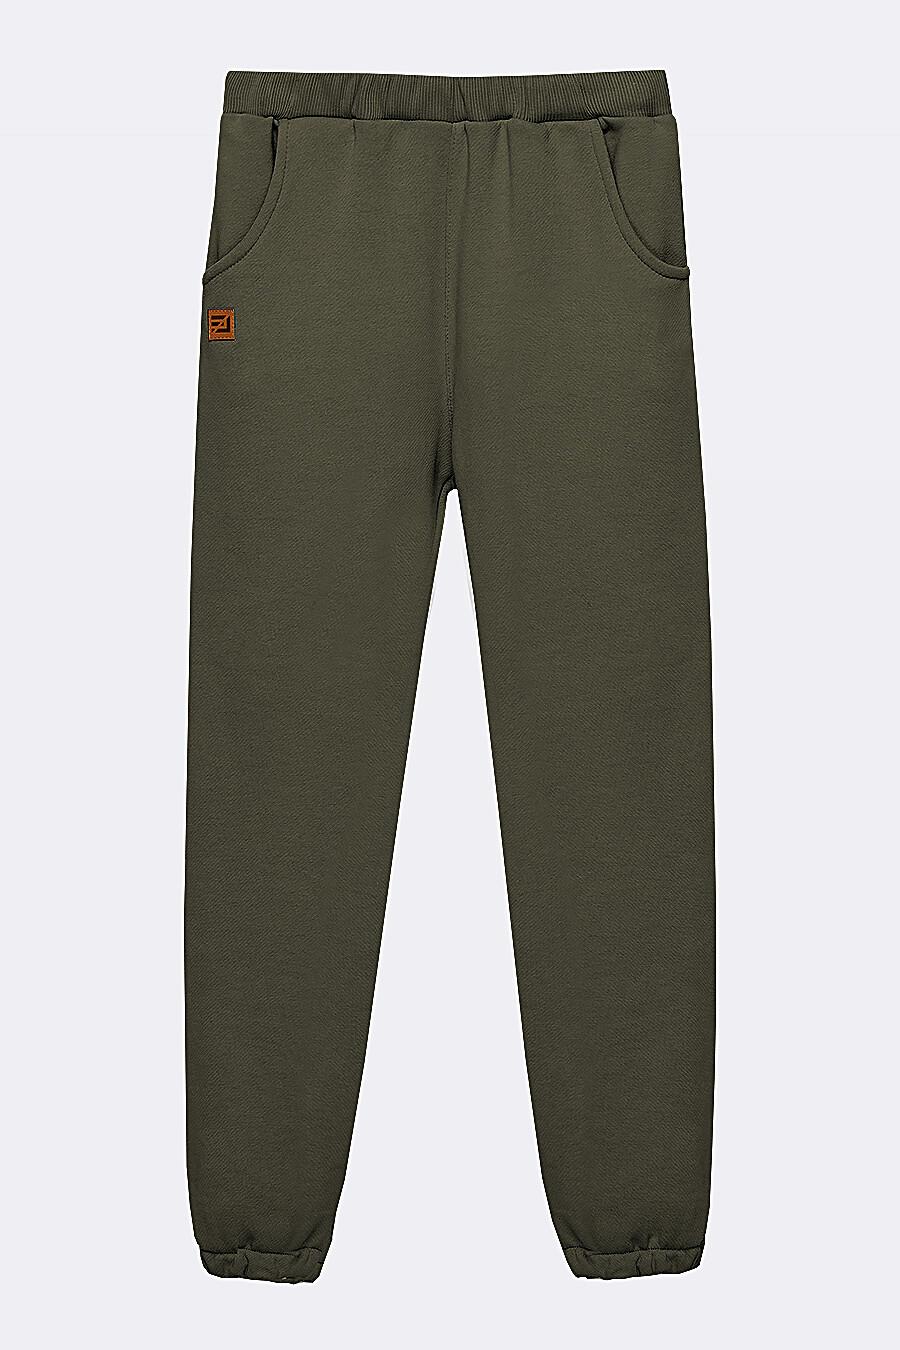 Костюм(Худи+Брюки) для мальчиков EZANNA 682553 купить оптом от производителя. Совместная покупка детской одежды в OptMoyo